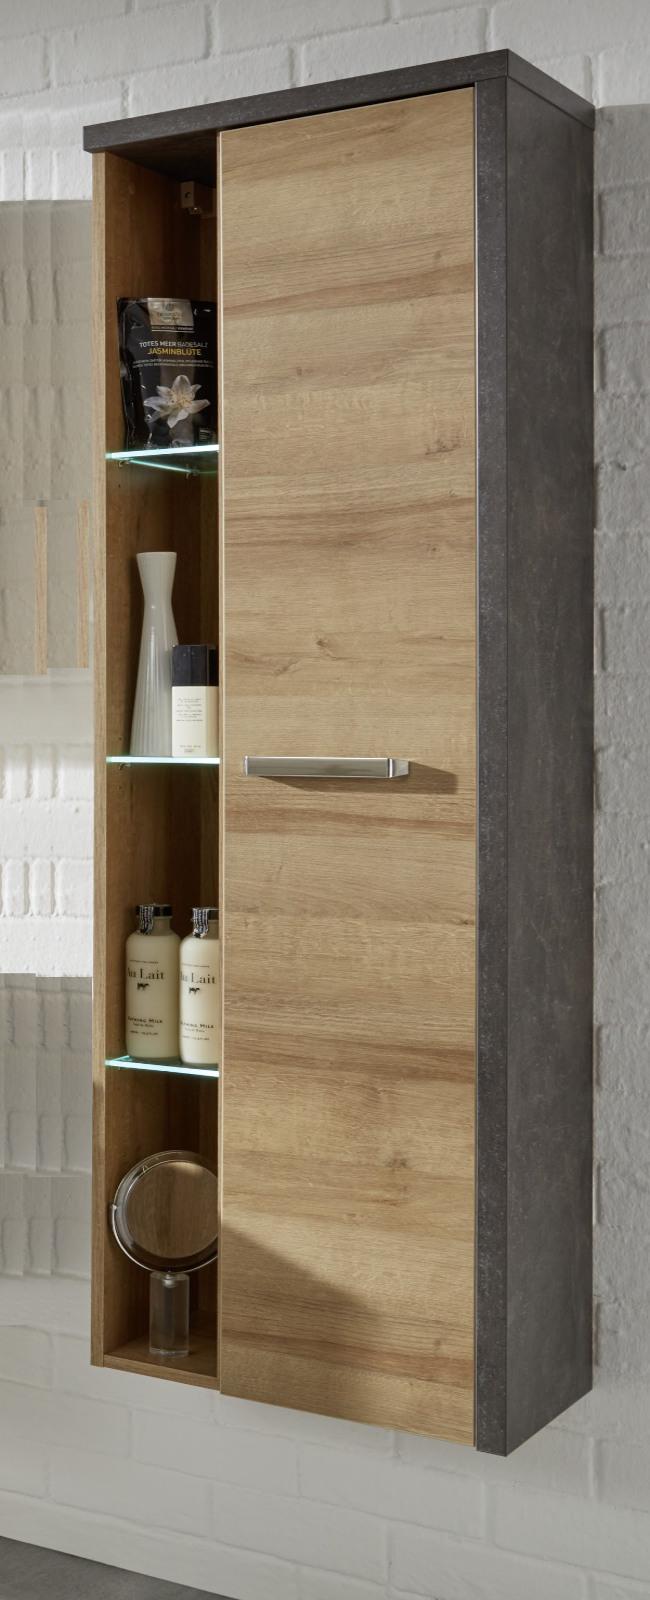 Hochschrank badezimmer  Hänge-/Hochschrank Bay Eiche Honig grau Beton